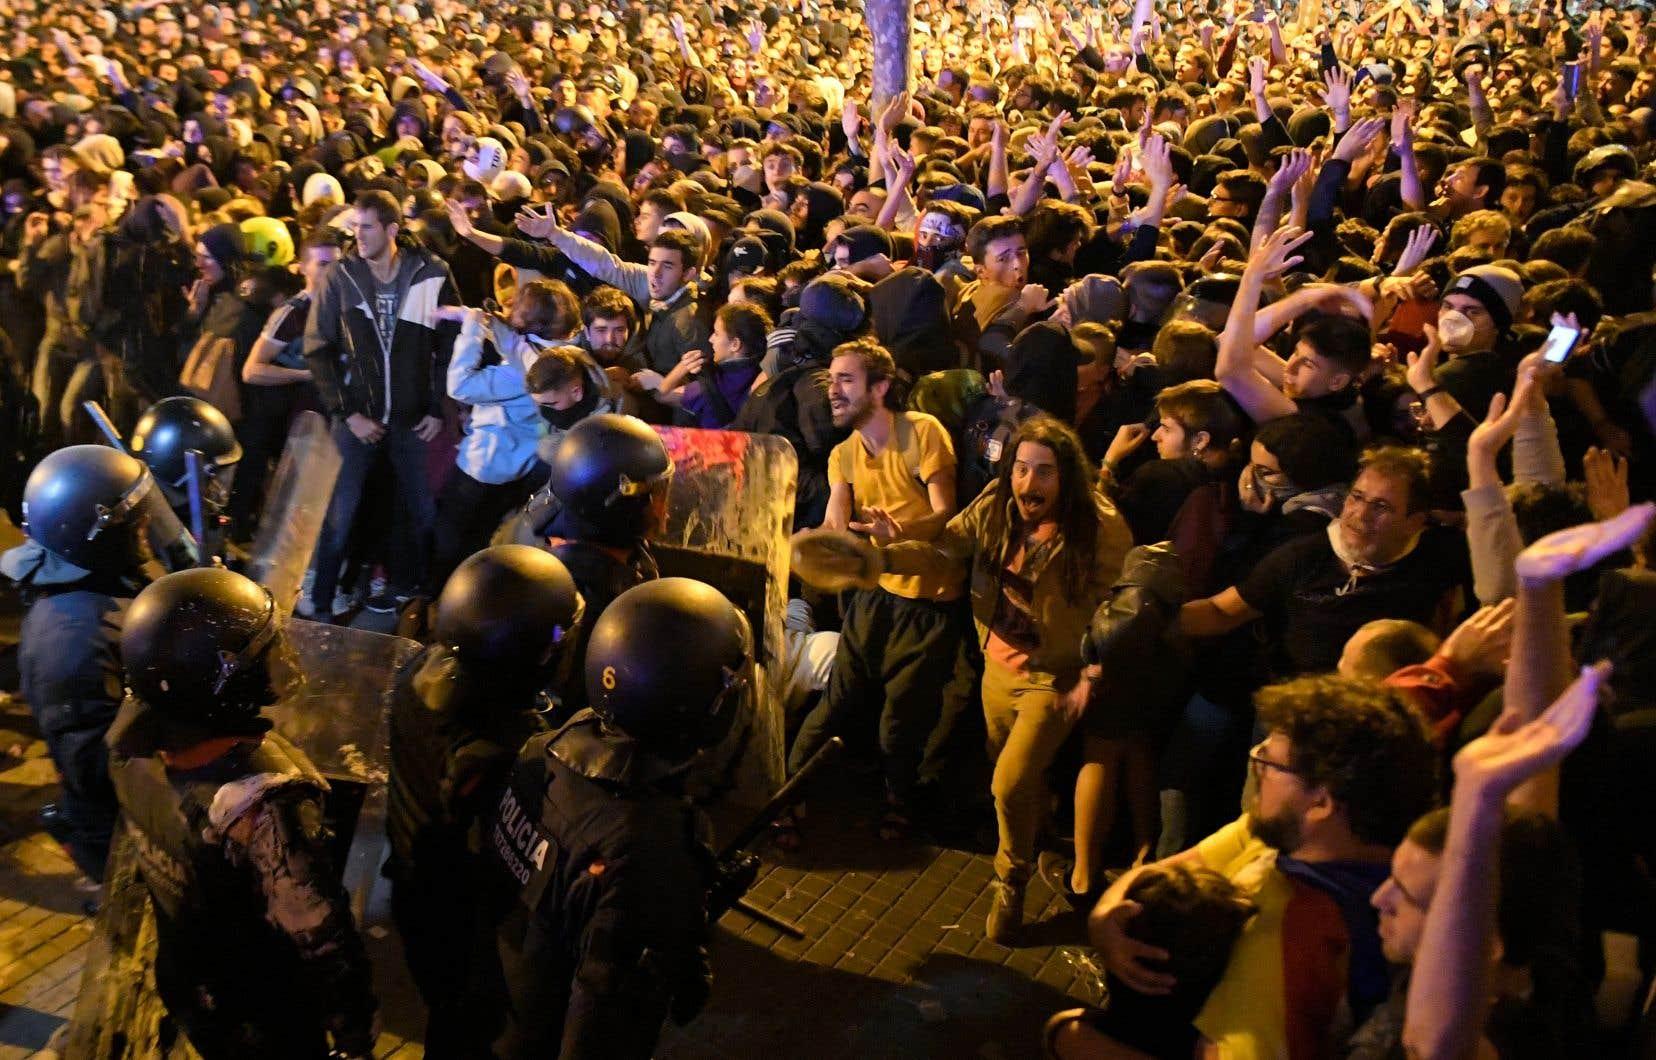 À Barcelone, 40 000 personnes ont participé à la manifestation avant que les heurts n'opposent quelques centaines de militants aux forces de l'ordre.